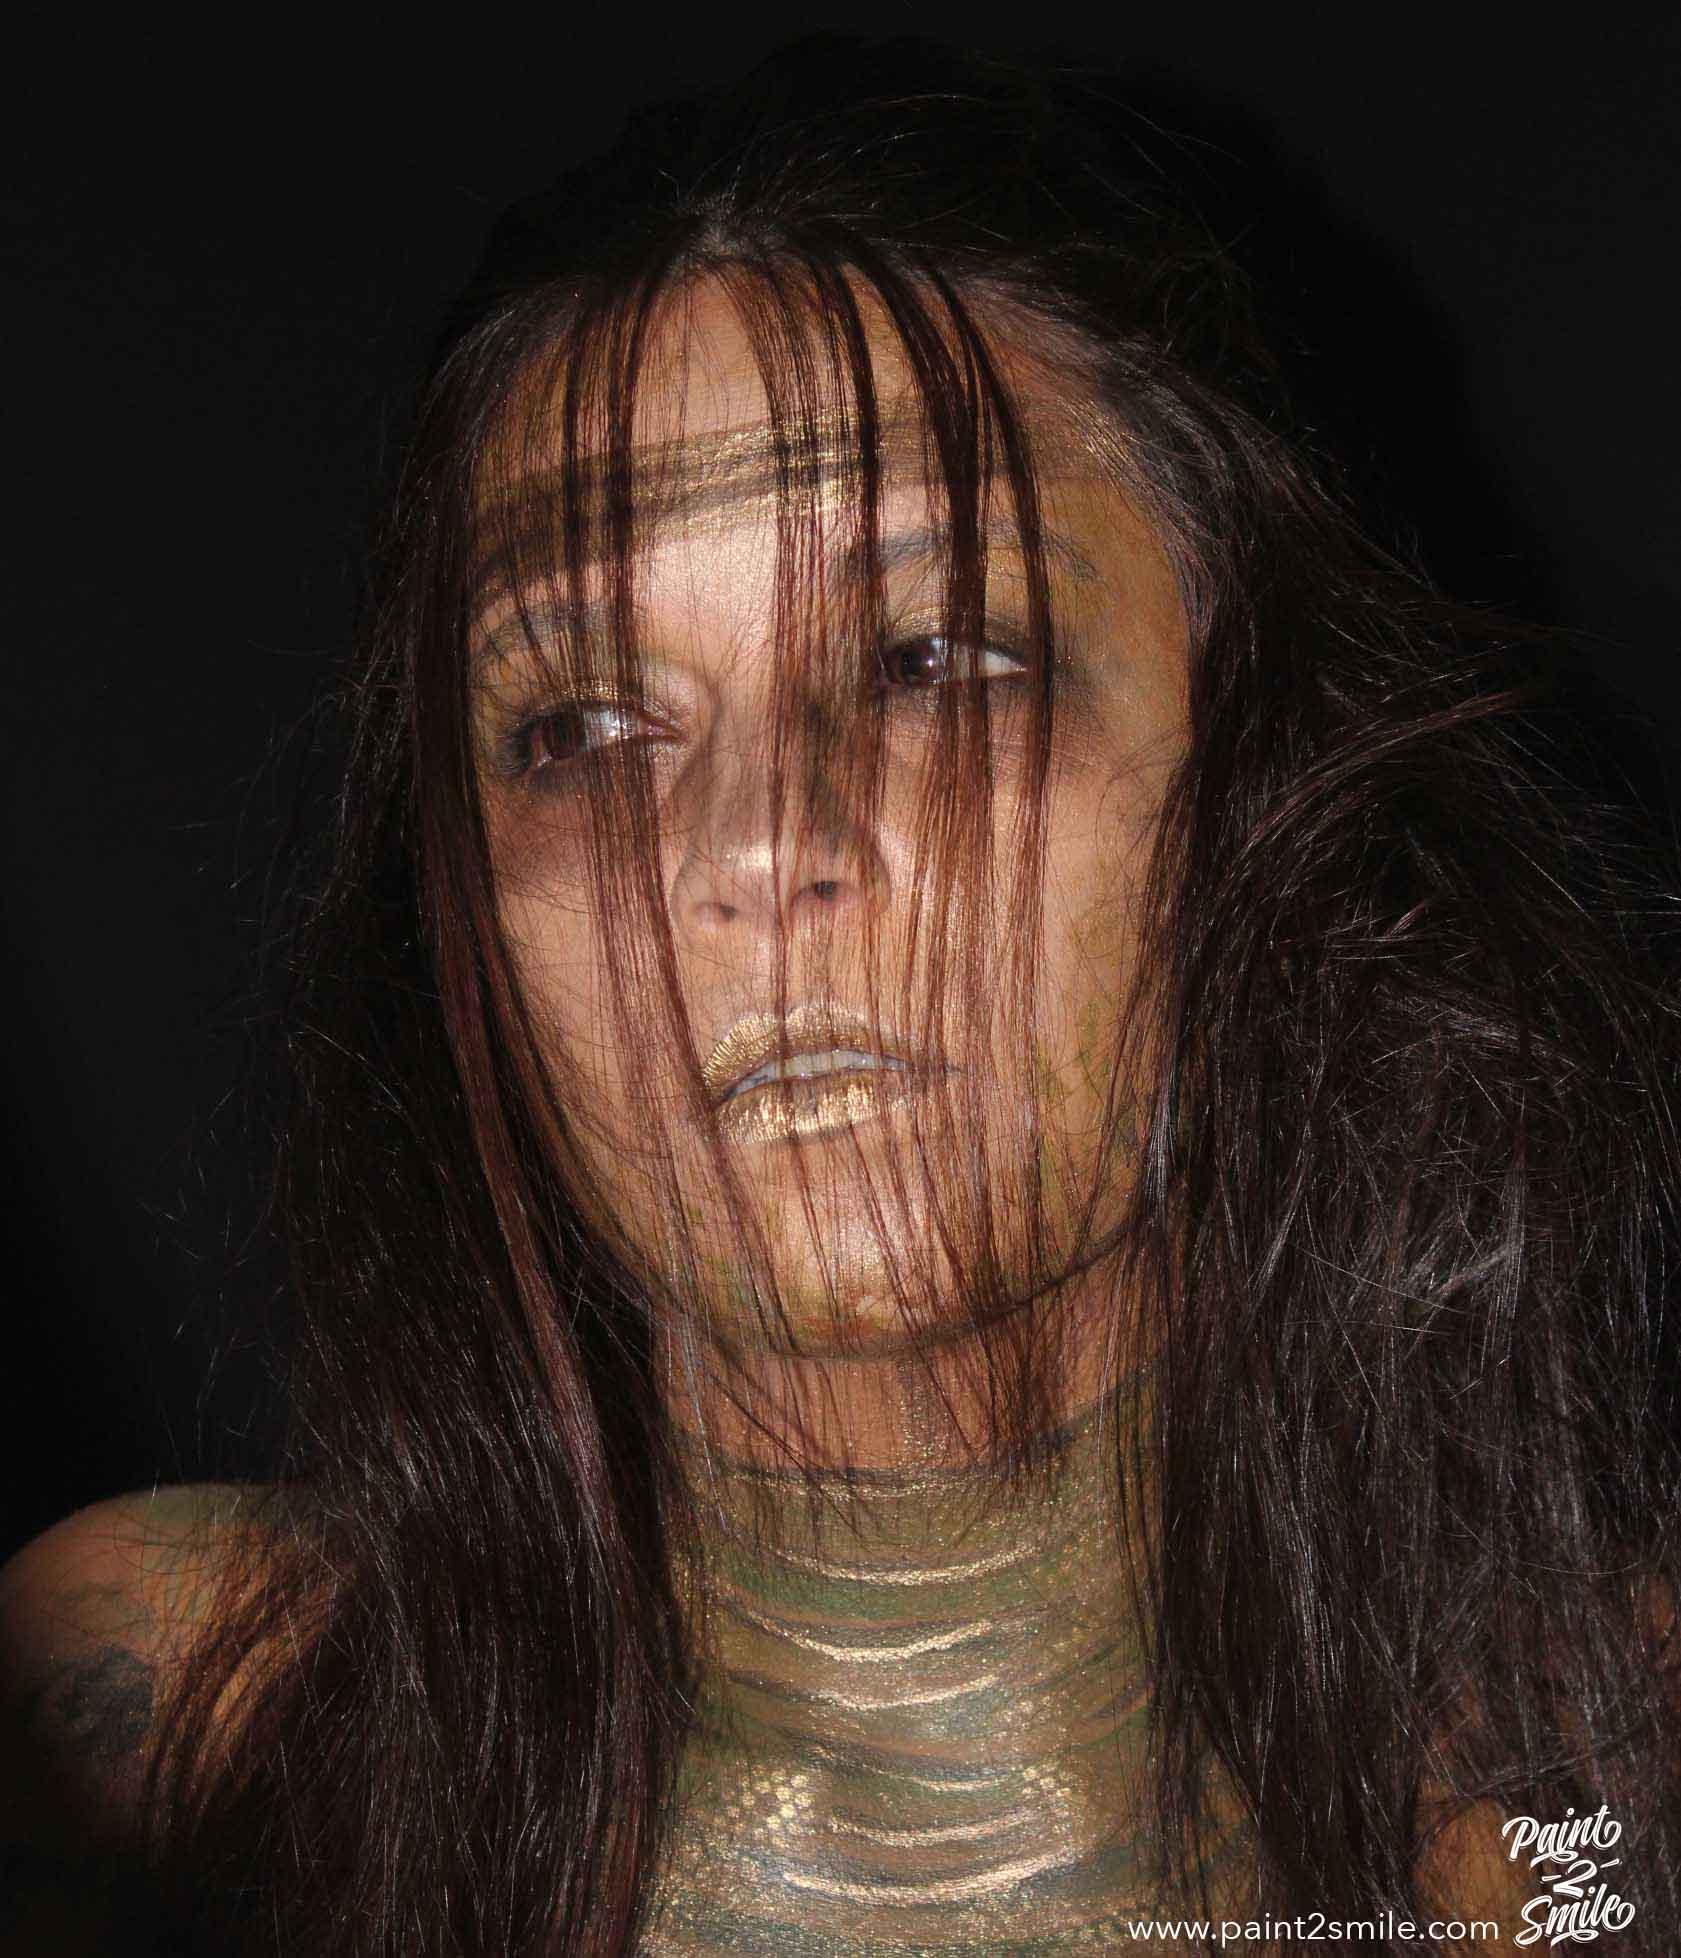 The echantress face paint